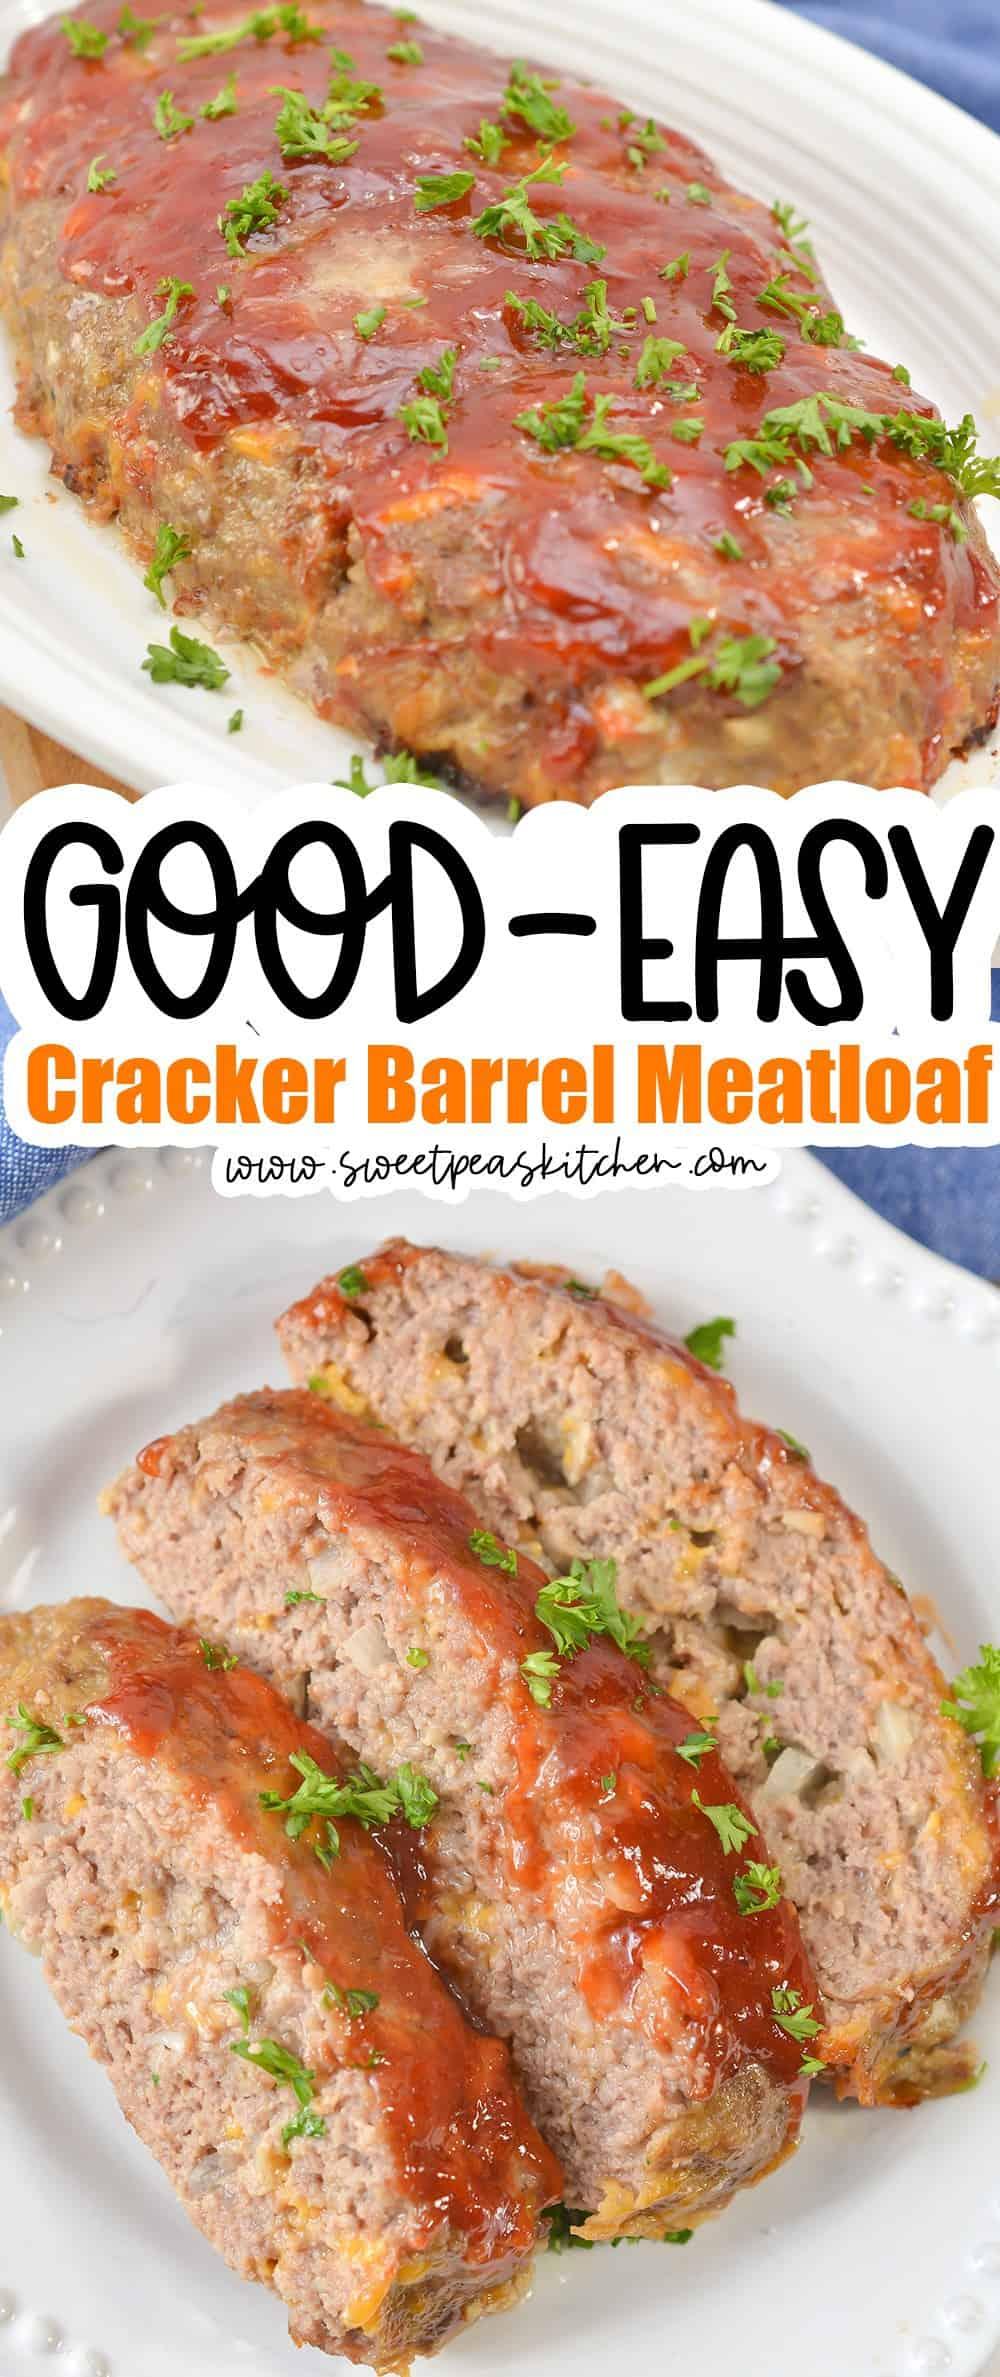 Cracker Barrel Meatloaf (4)